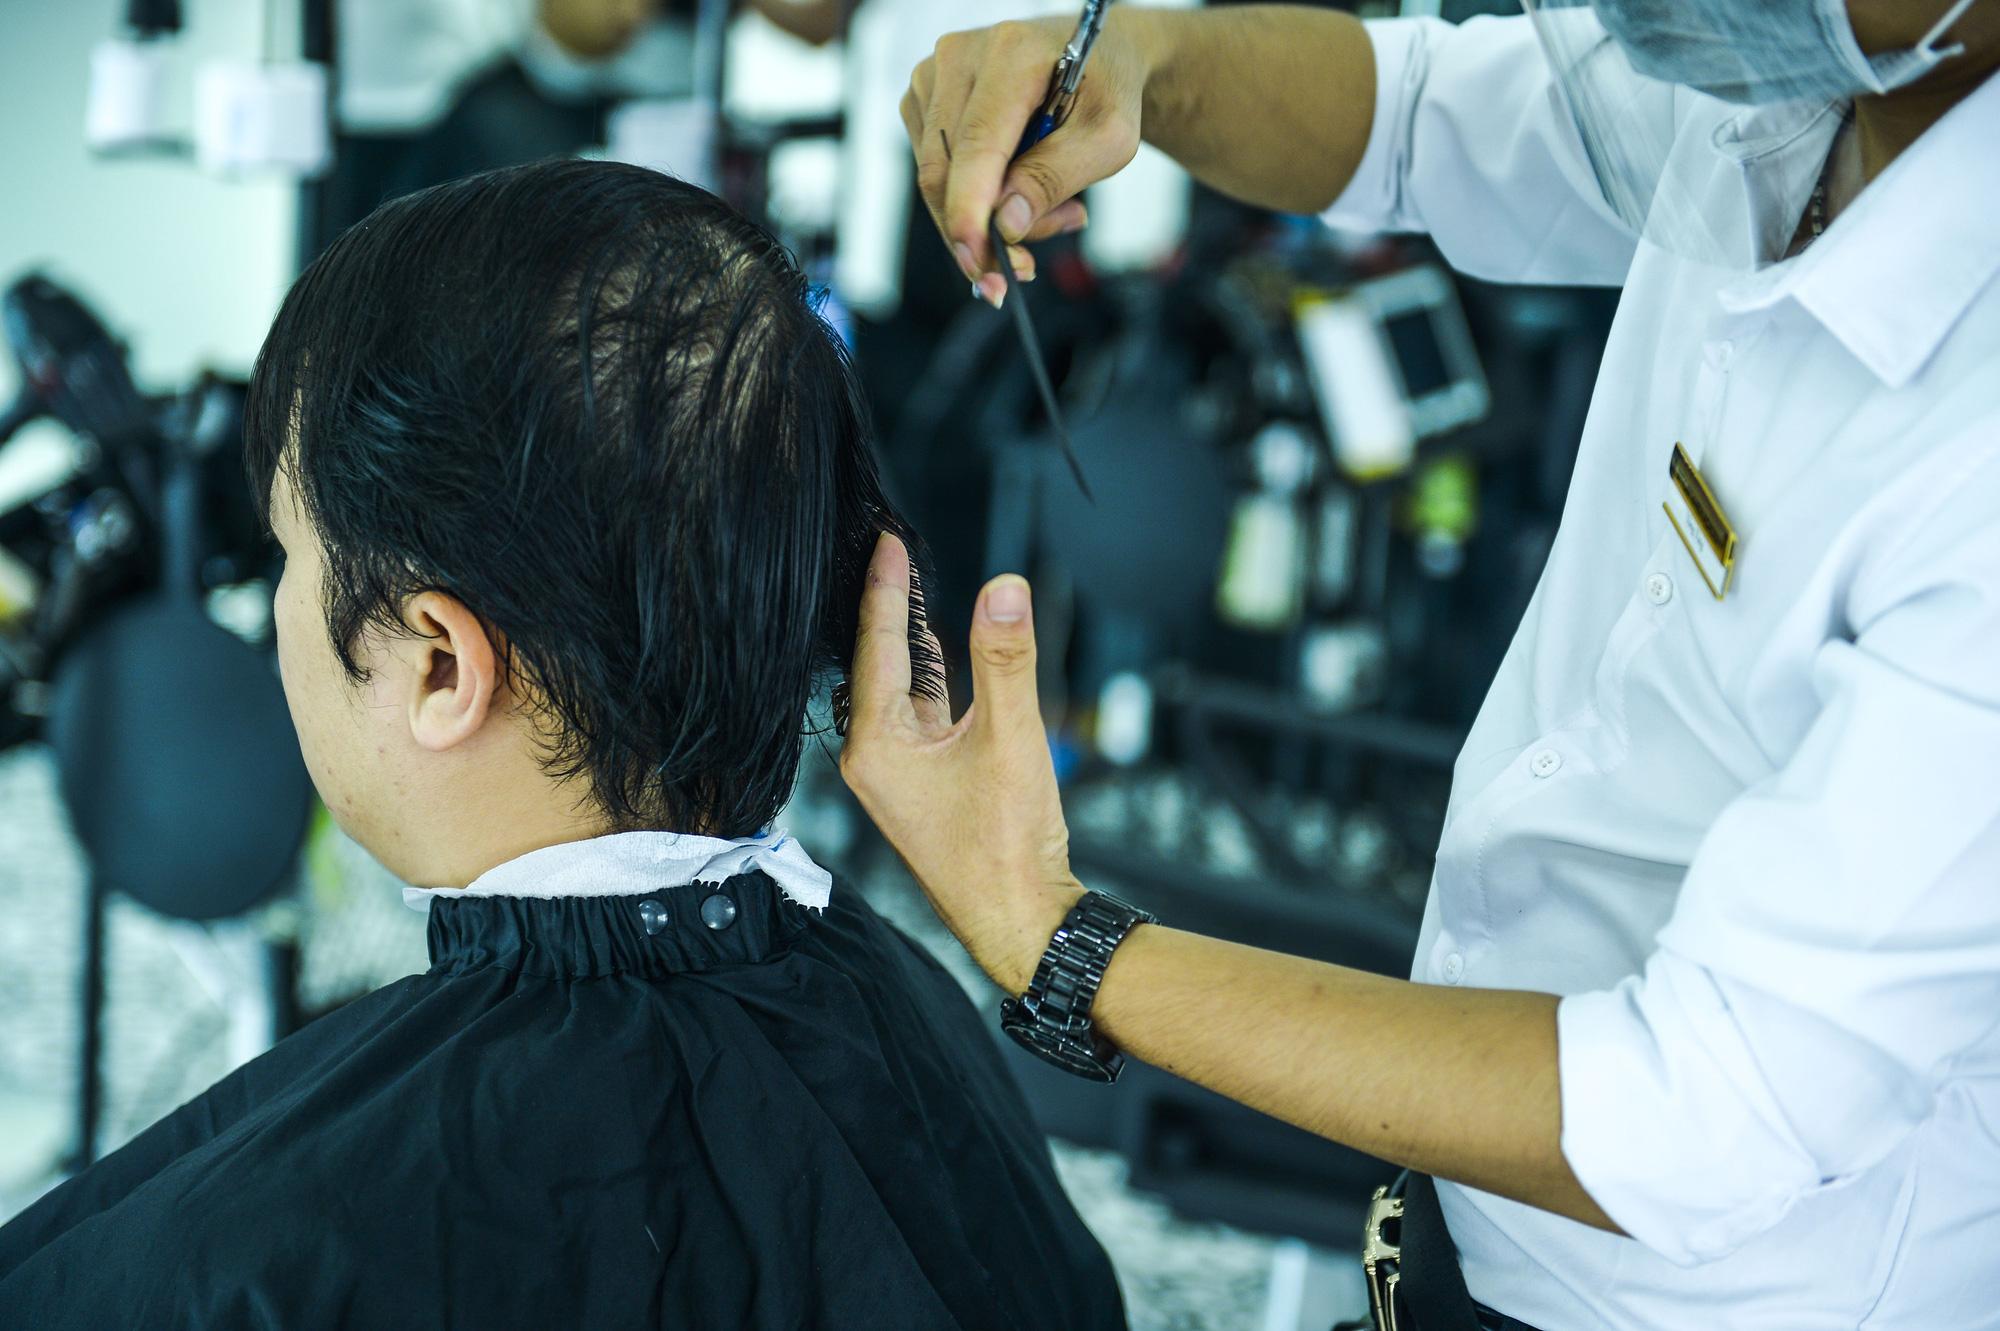 Hà Nội: Quán ăn, cà phê, tiệm tóc nhộn nhịp trong ngày đầu hoạt động trở lại - Ảnh 9.